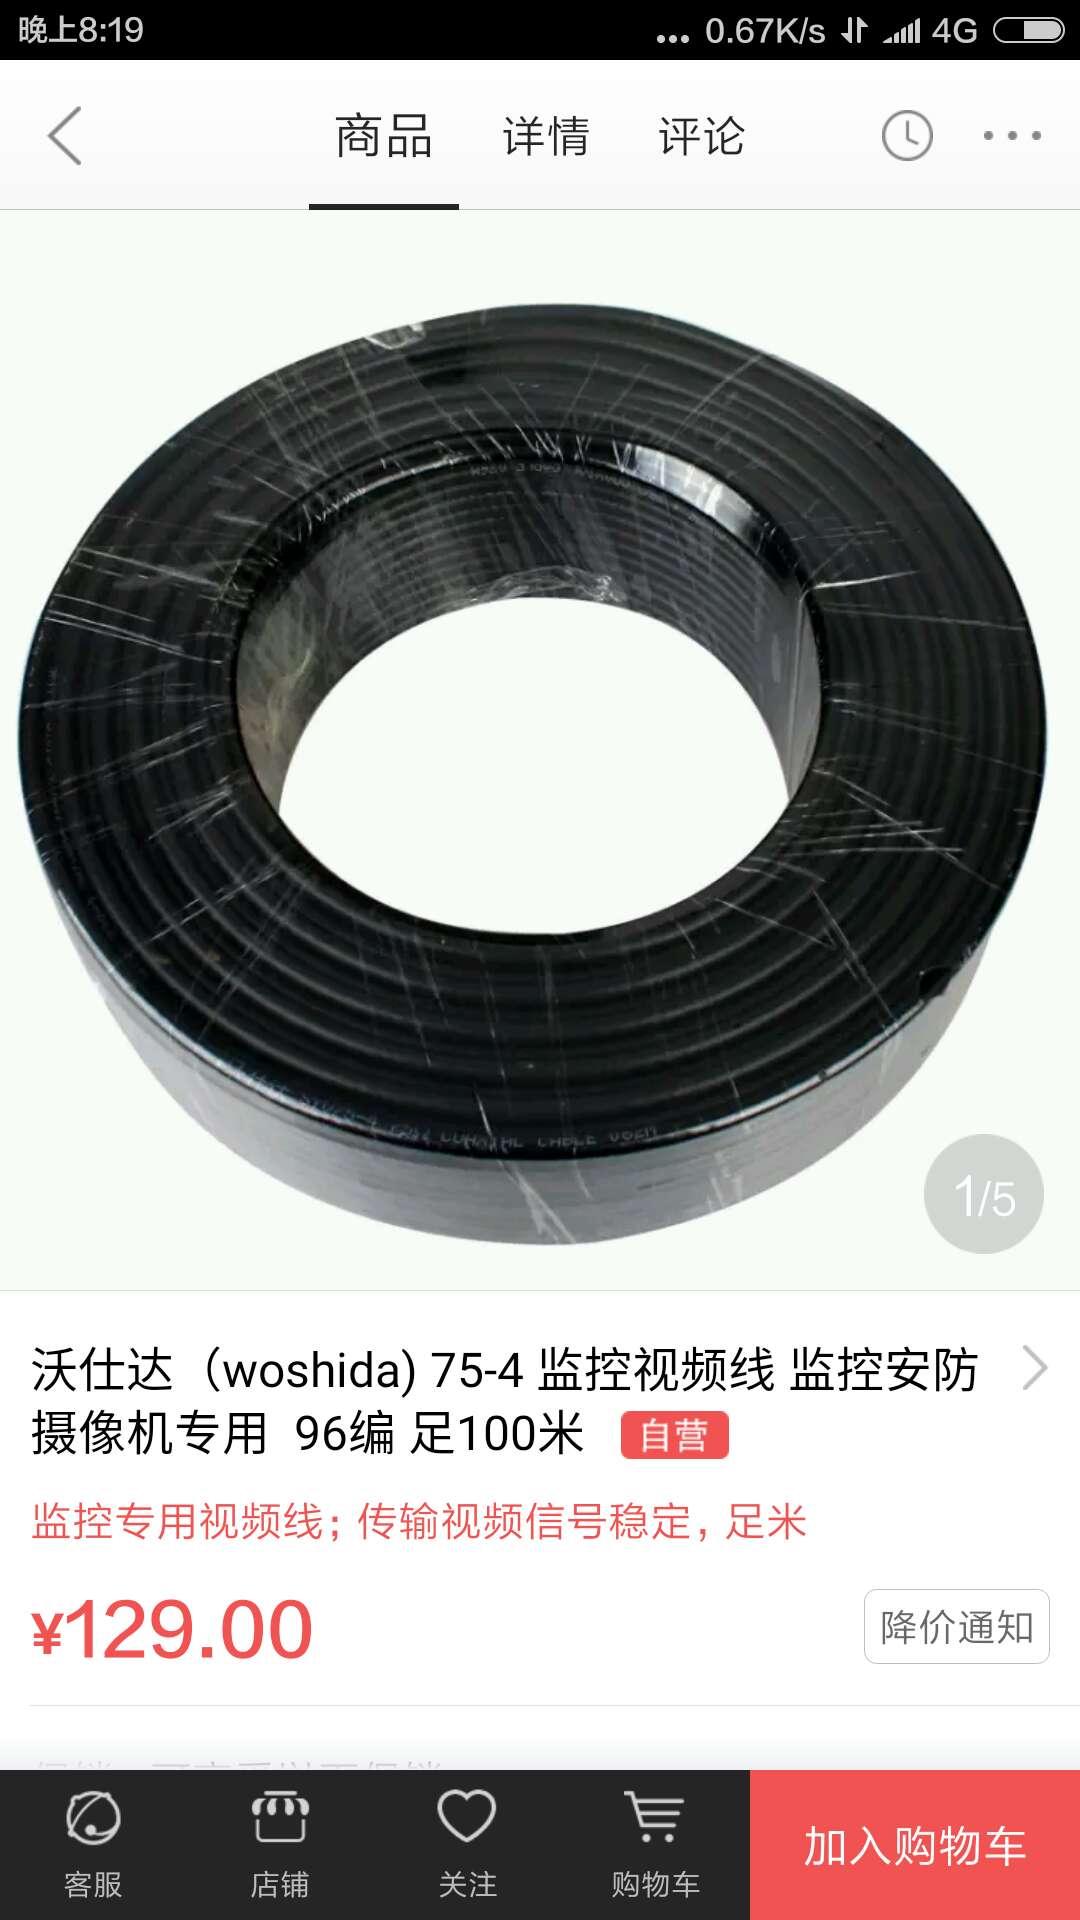 prada sneakers patent leather 002103013 fake